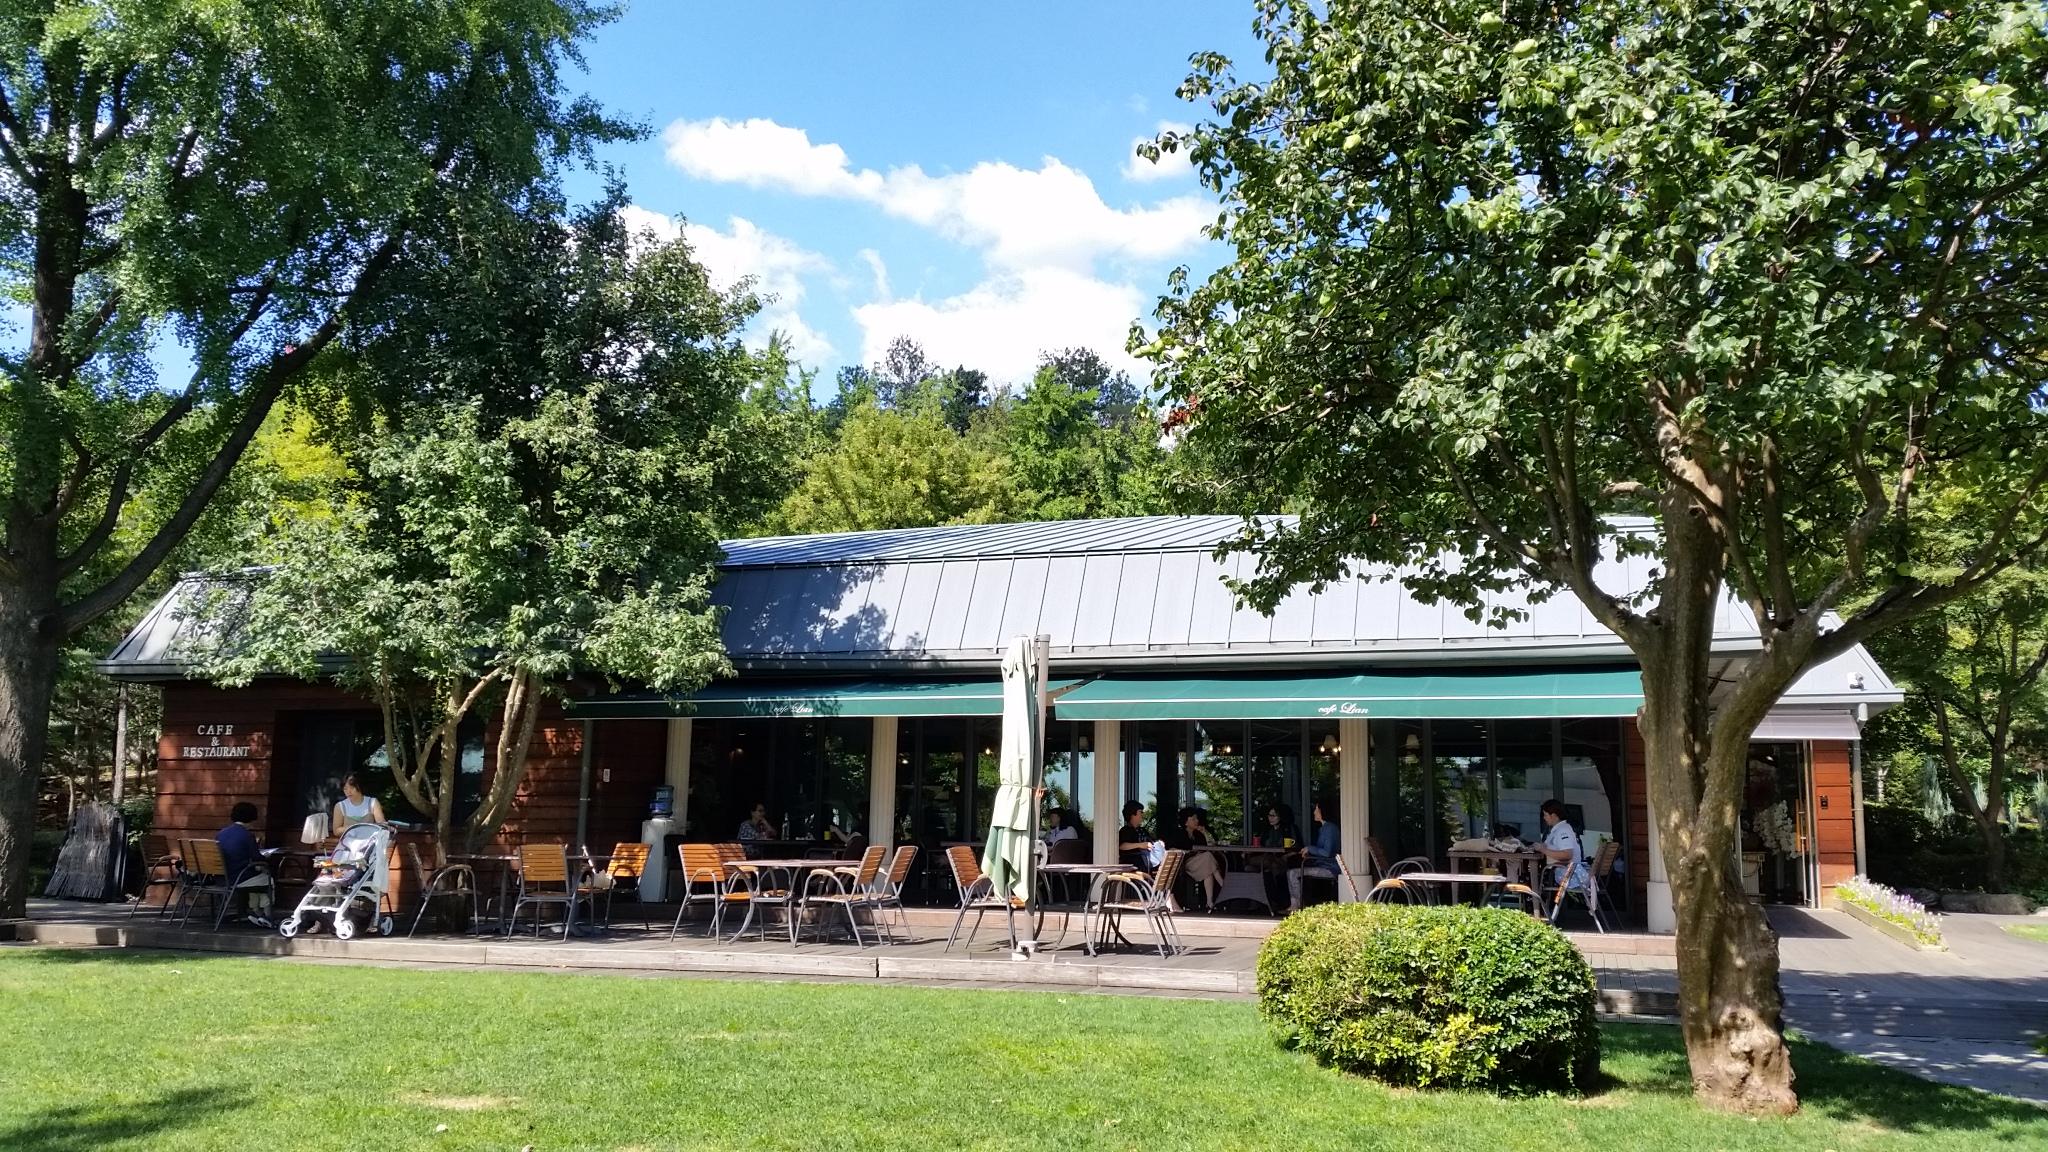 グランドハイアット前にあるカフェ・レストラン「La Spera」